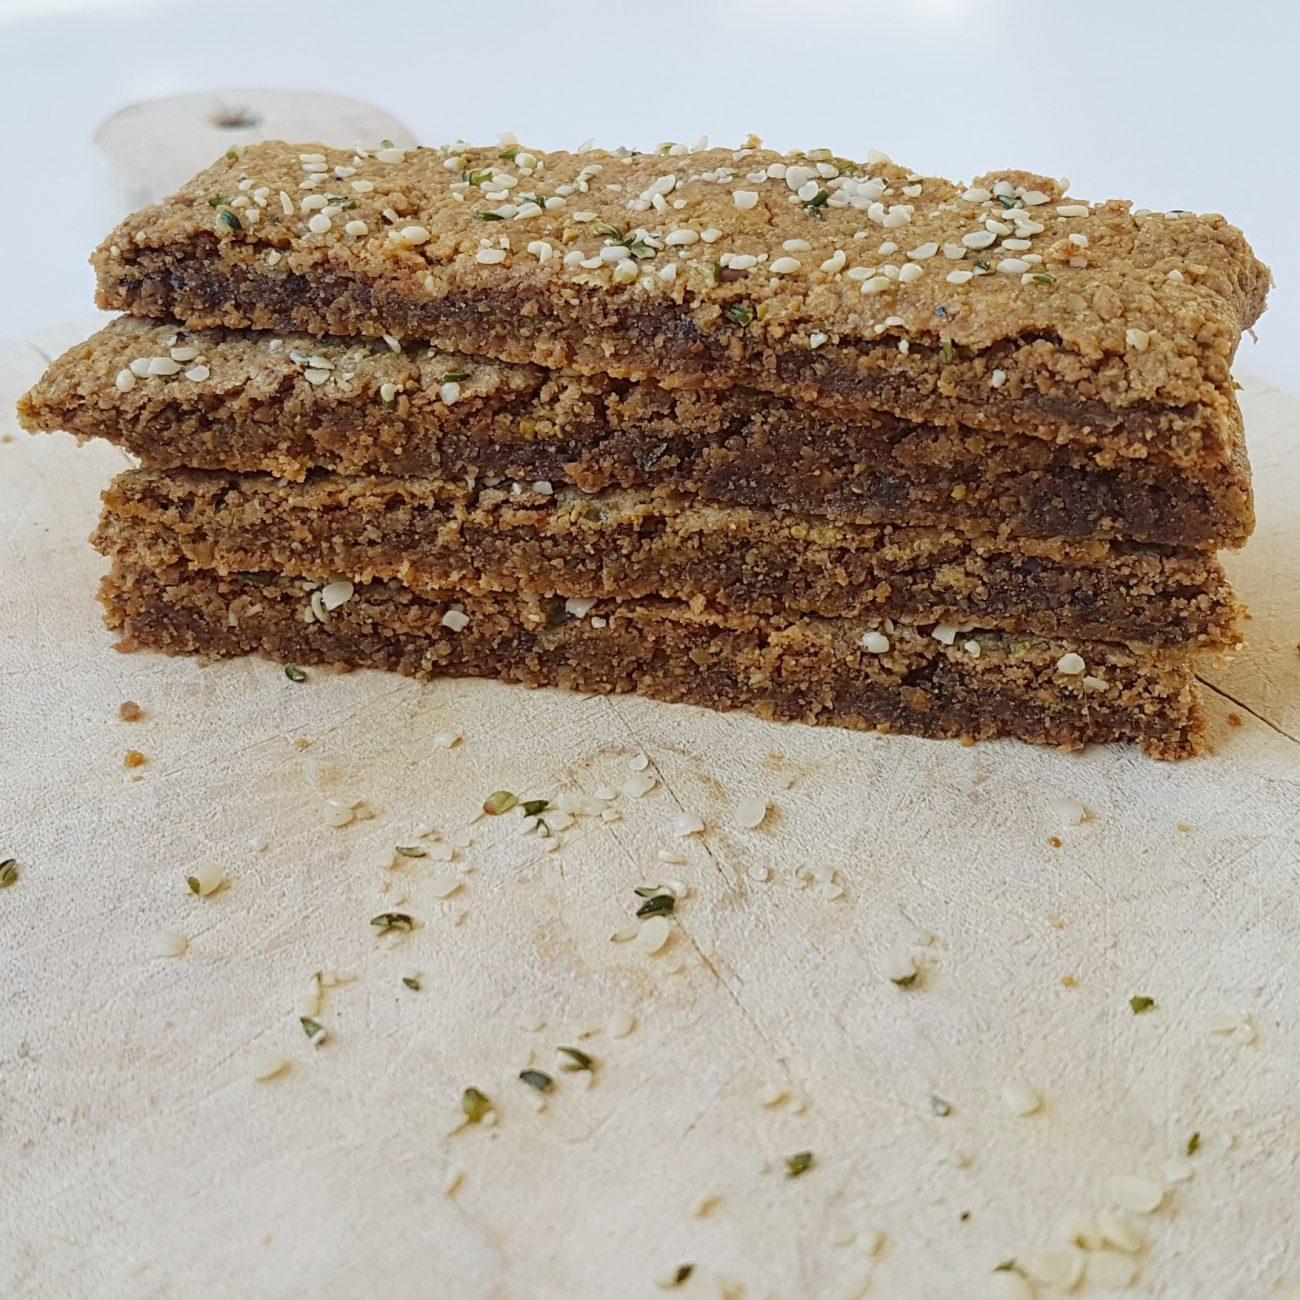 La barre grano… là! Barre tendre à base de graines et de noix convertible en boules d'énergie